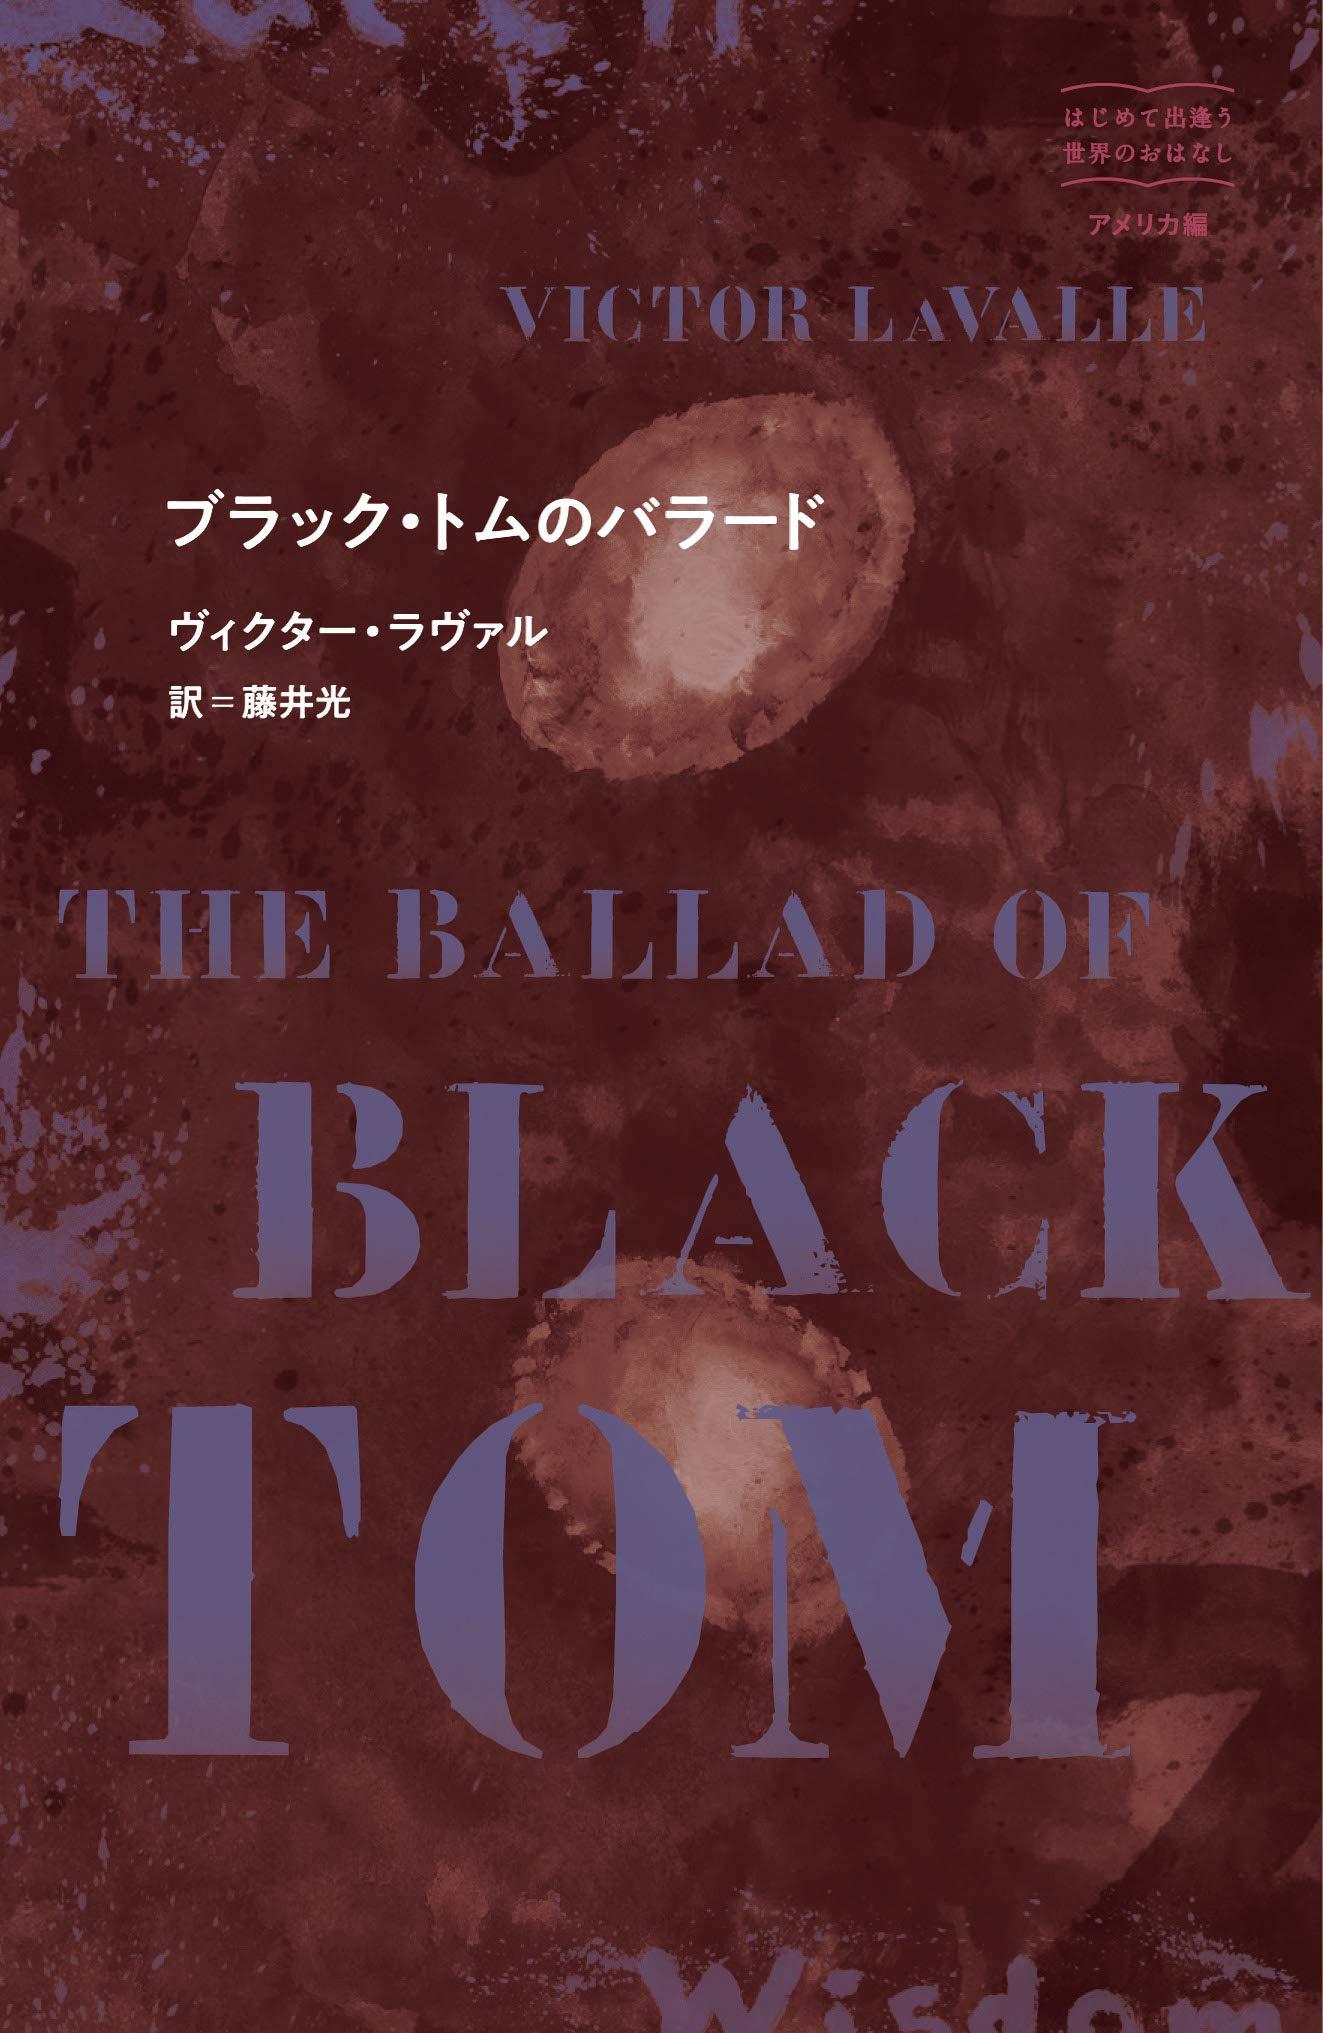 ヴィクター・ラヴァル『ブラック・トムのバラード 』(東宣出版)